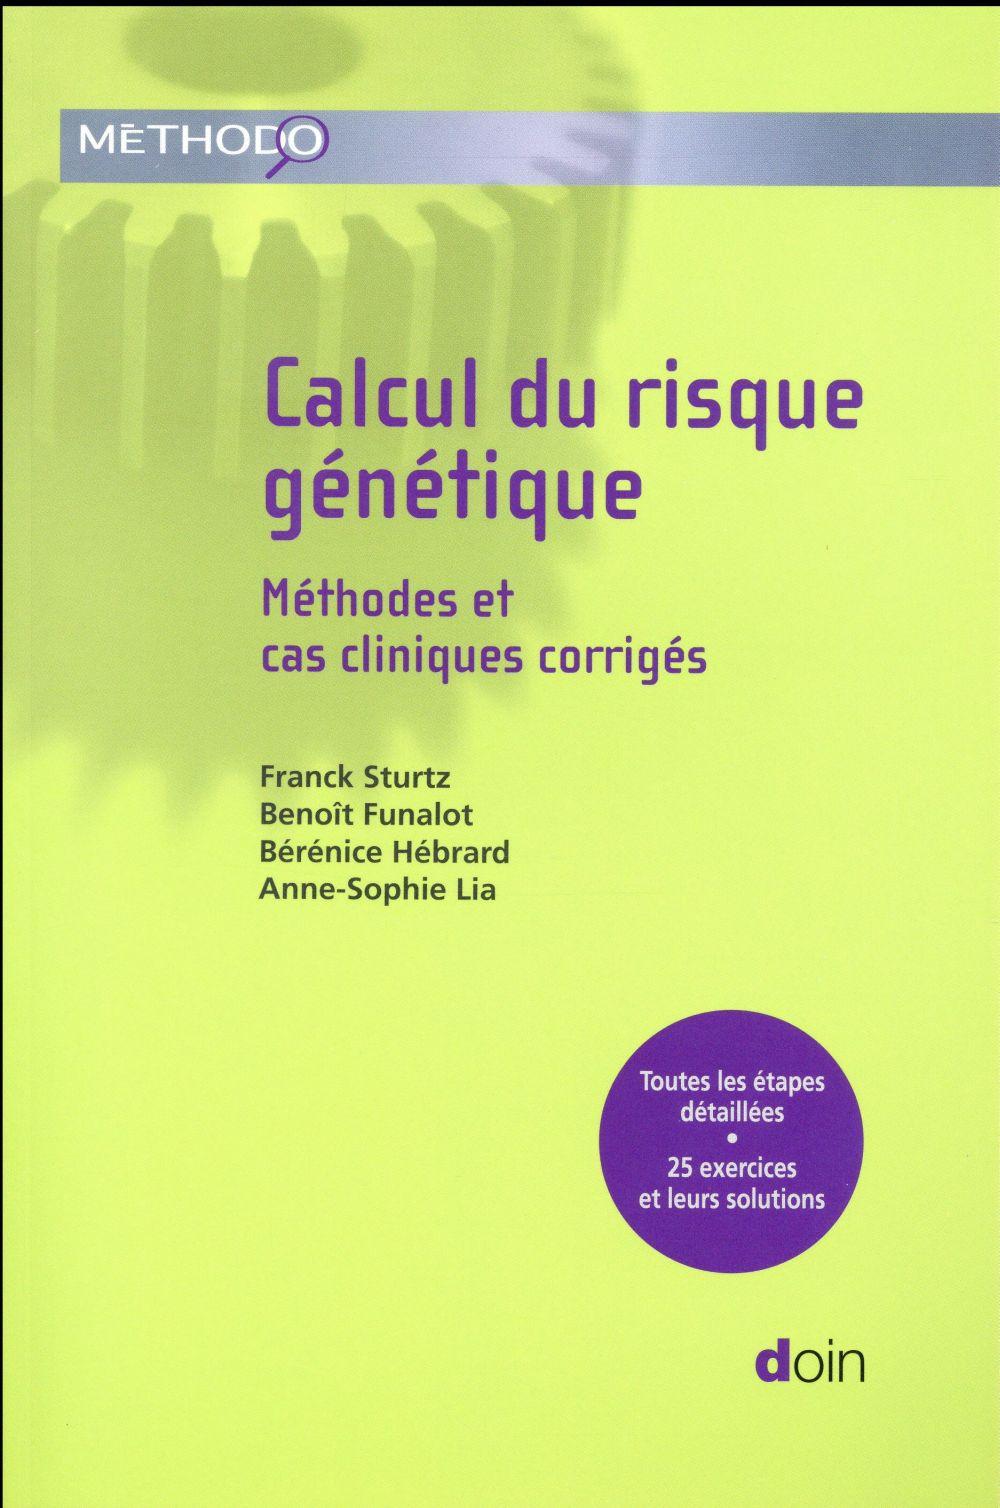 CALCUL DU RISQUE GENETIQUE METHODES ET CAS CLINIQUES CORRIGES